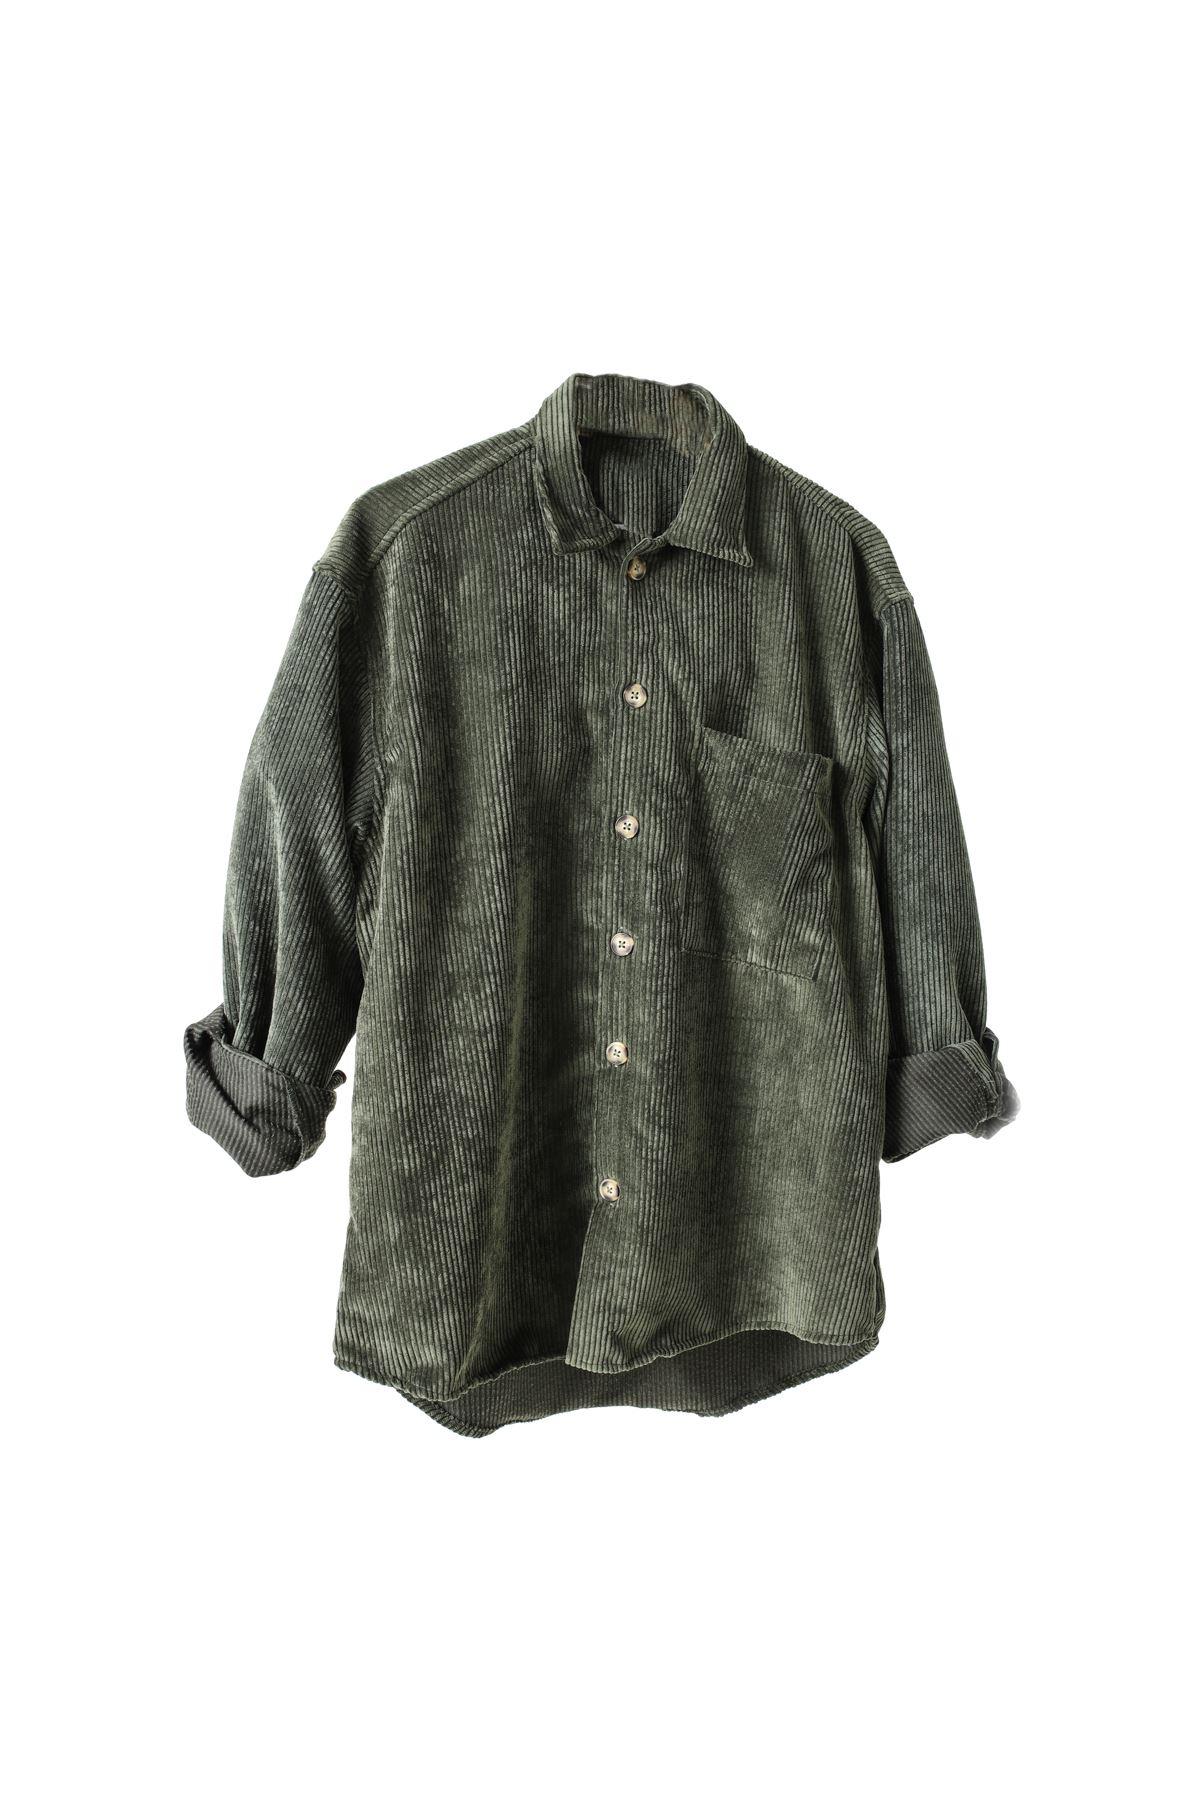 Haki Kadife Gömlek